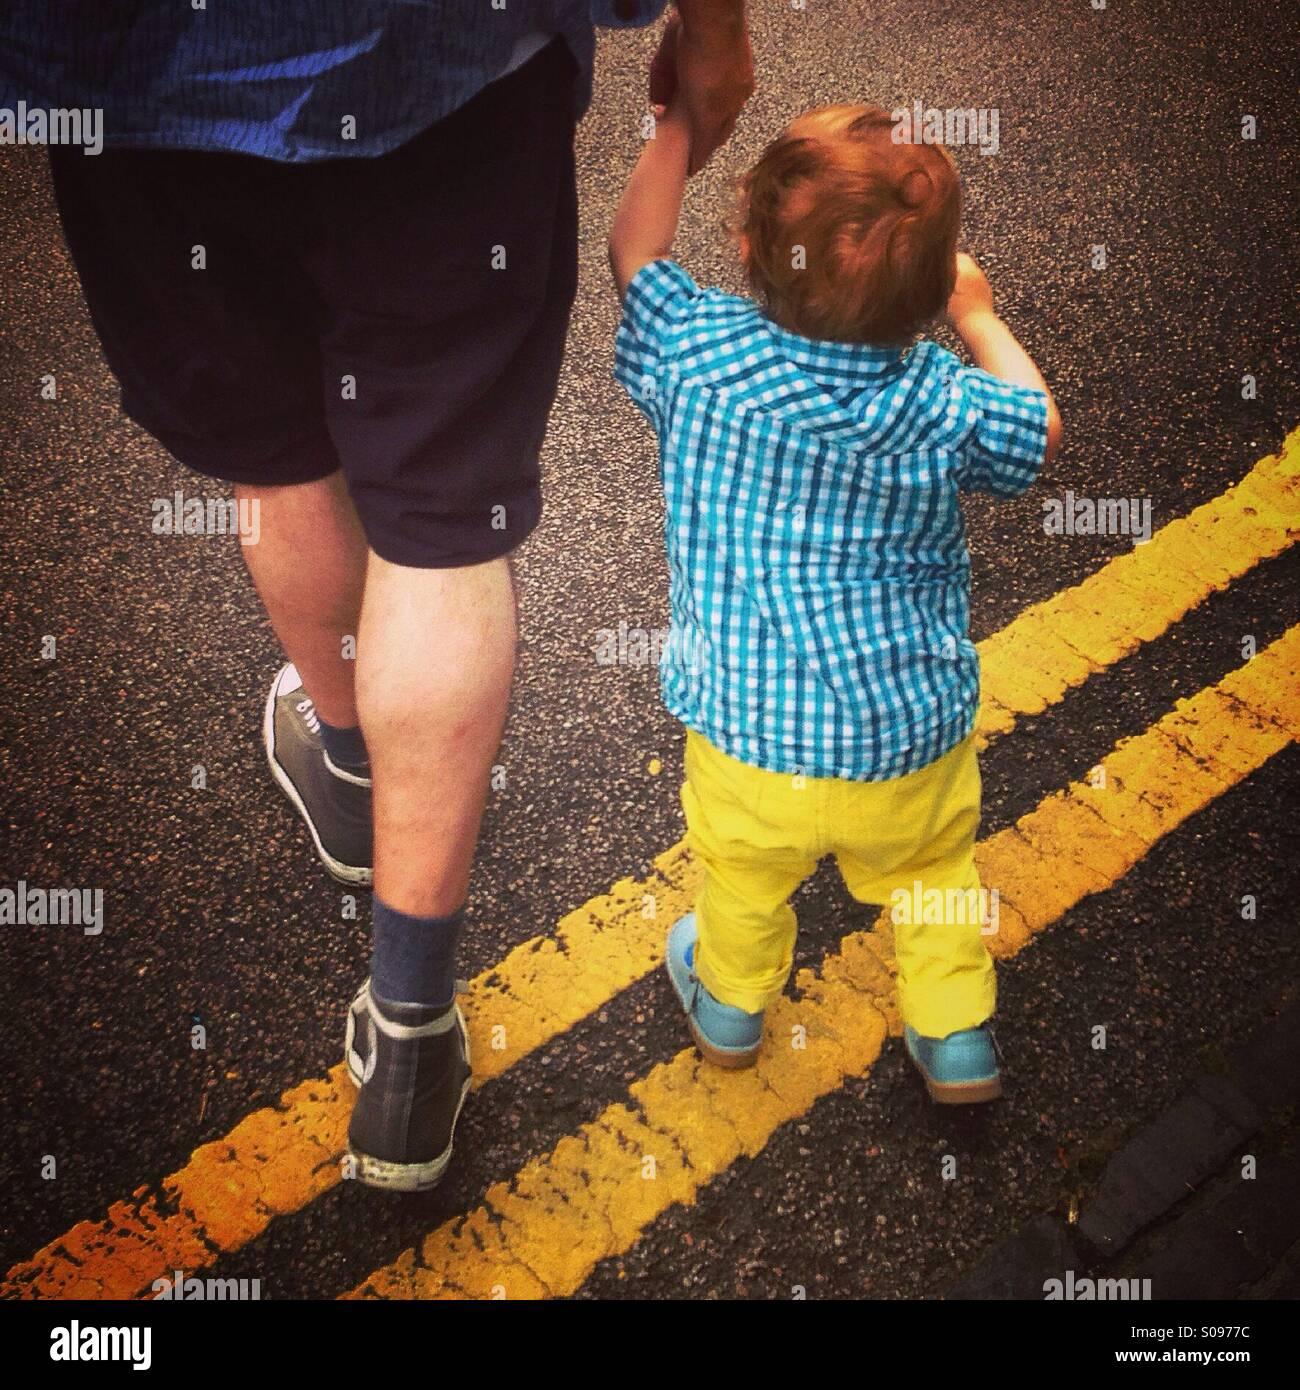 Vater und Sohn zu Fuß über doppelte gelbe Linien auf einer Straße in London. Stockbild